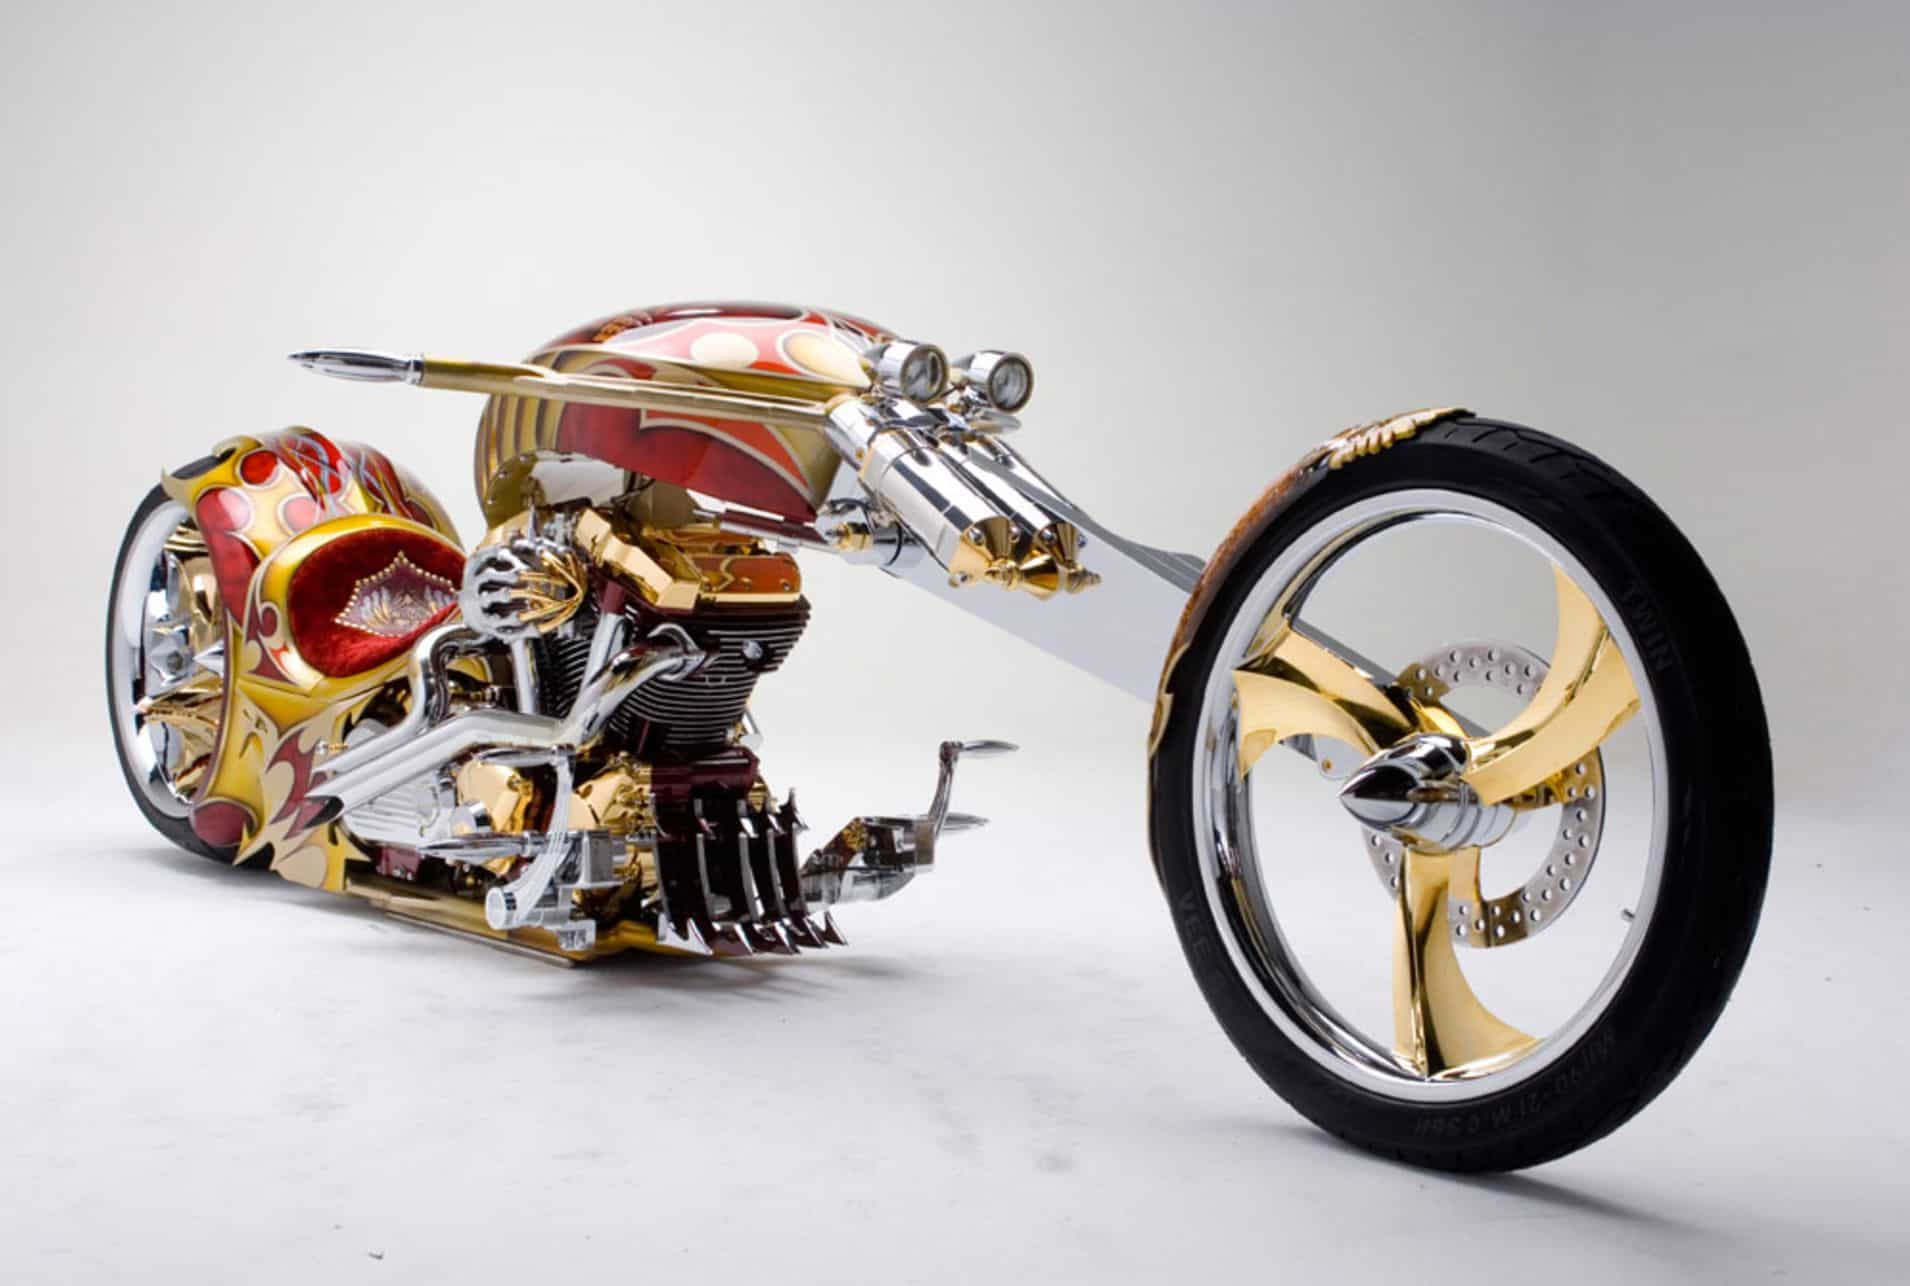 YAMAHA ROADSTAR BMS CHOPER: Las motocicletas más caras del mundo